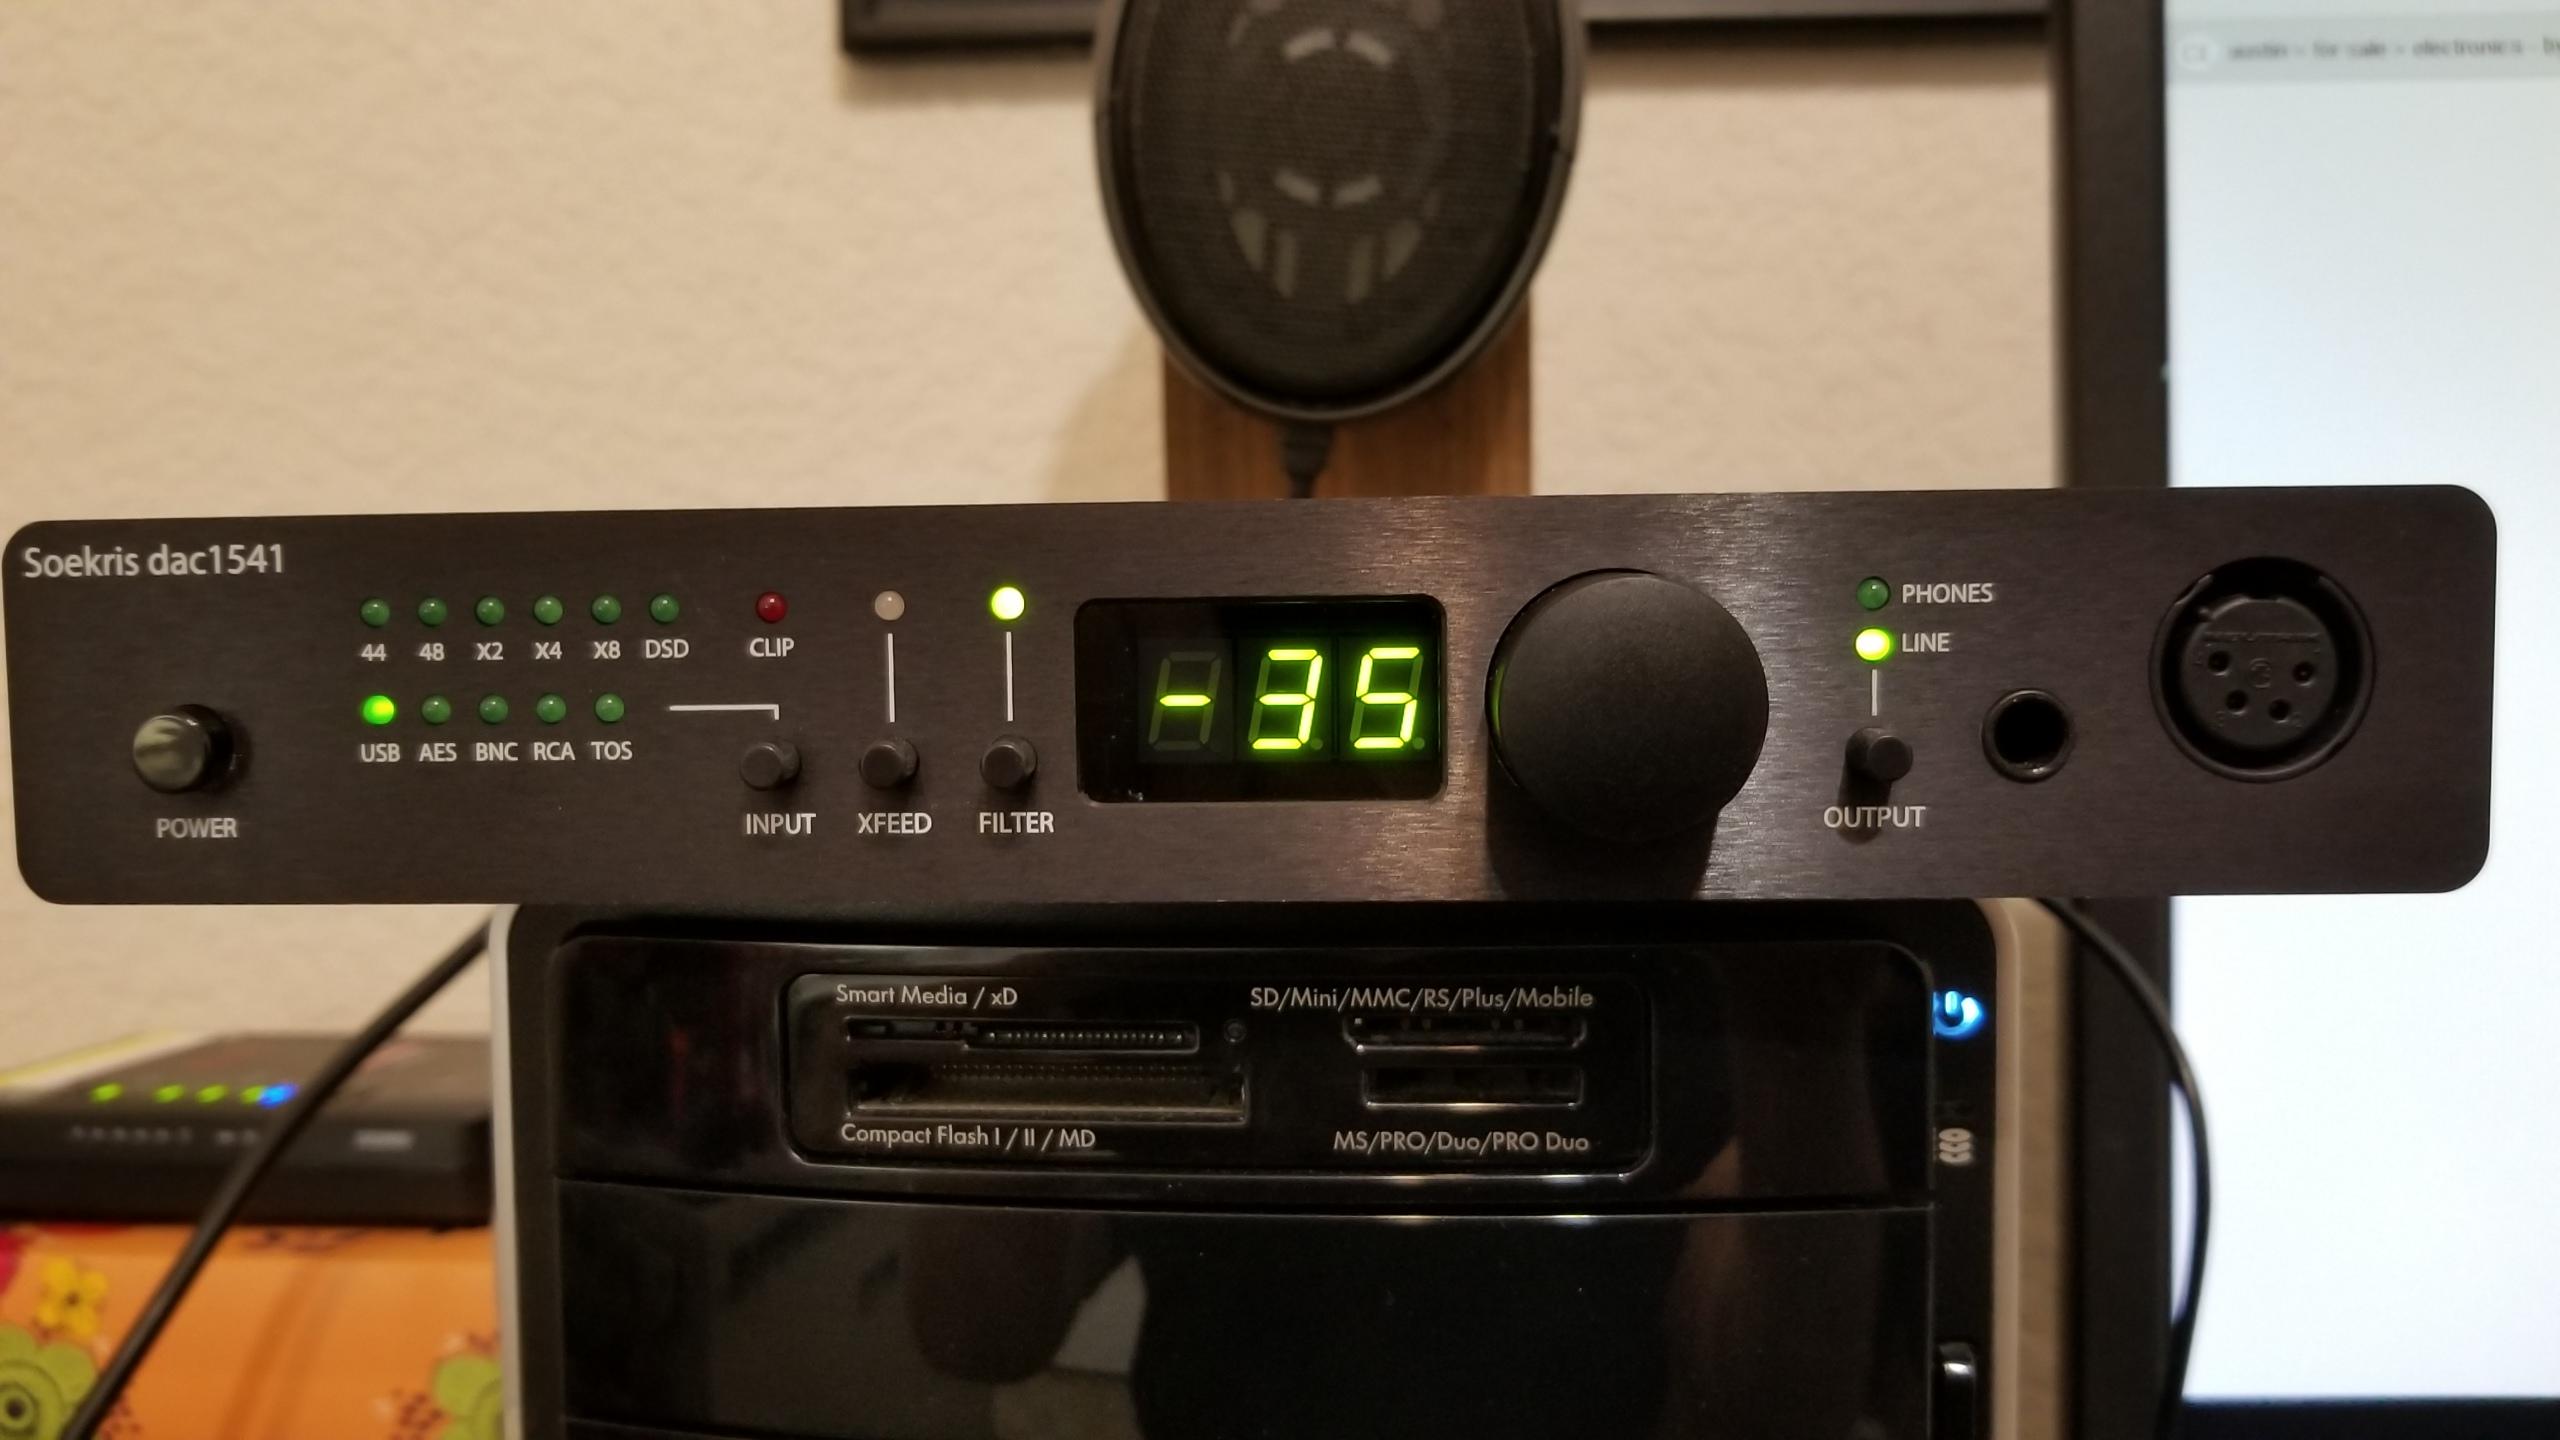 Soekris DAC1541 DSD DAC / head amp / preamplifier